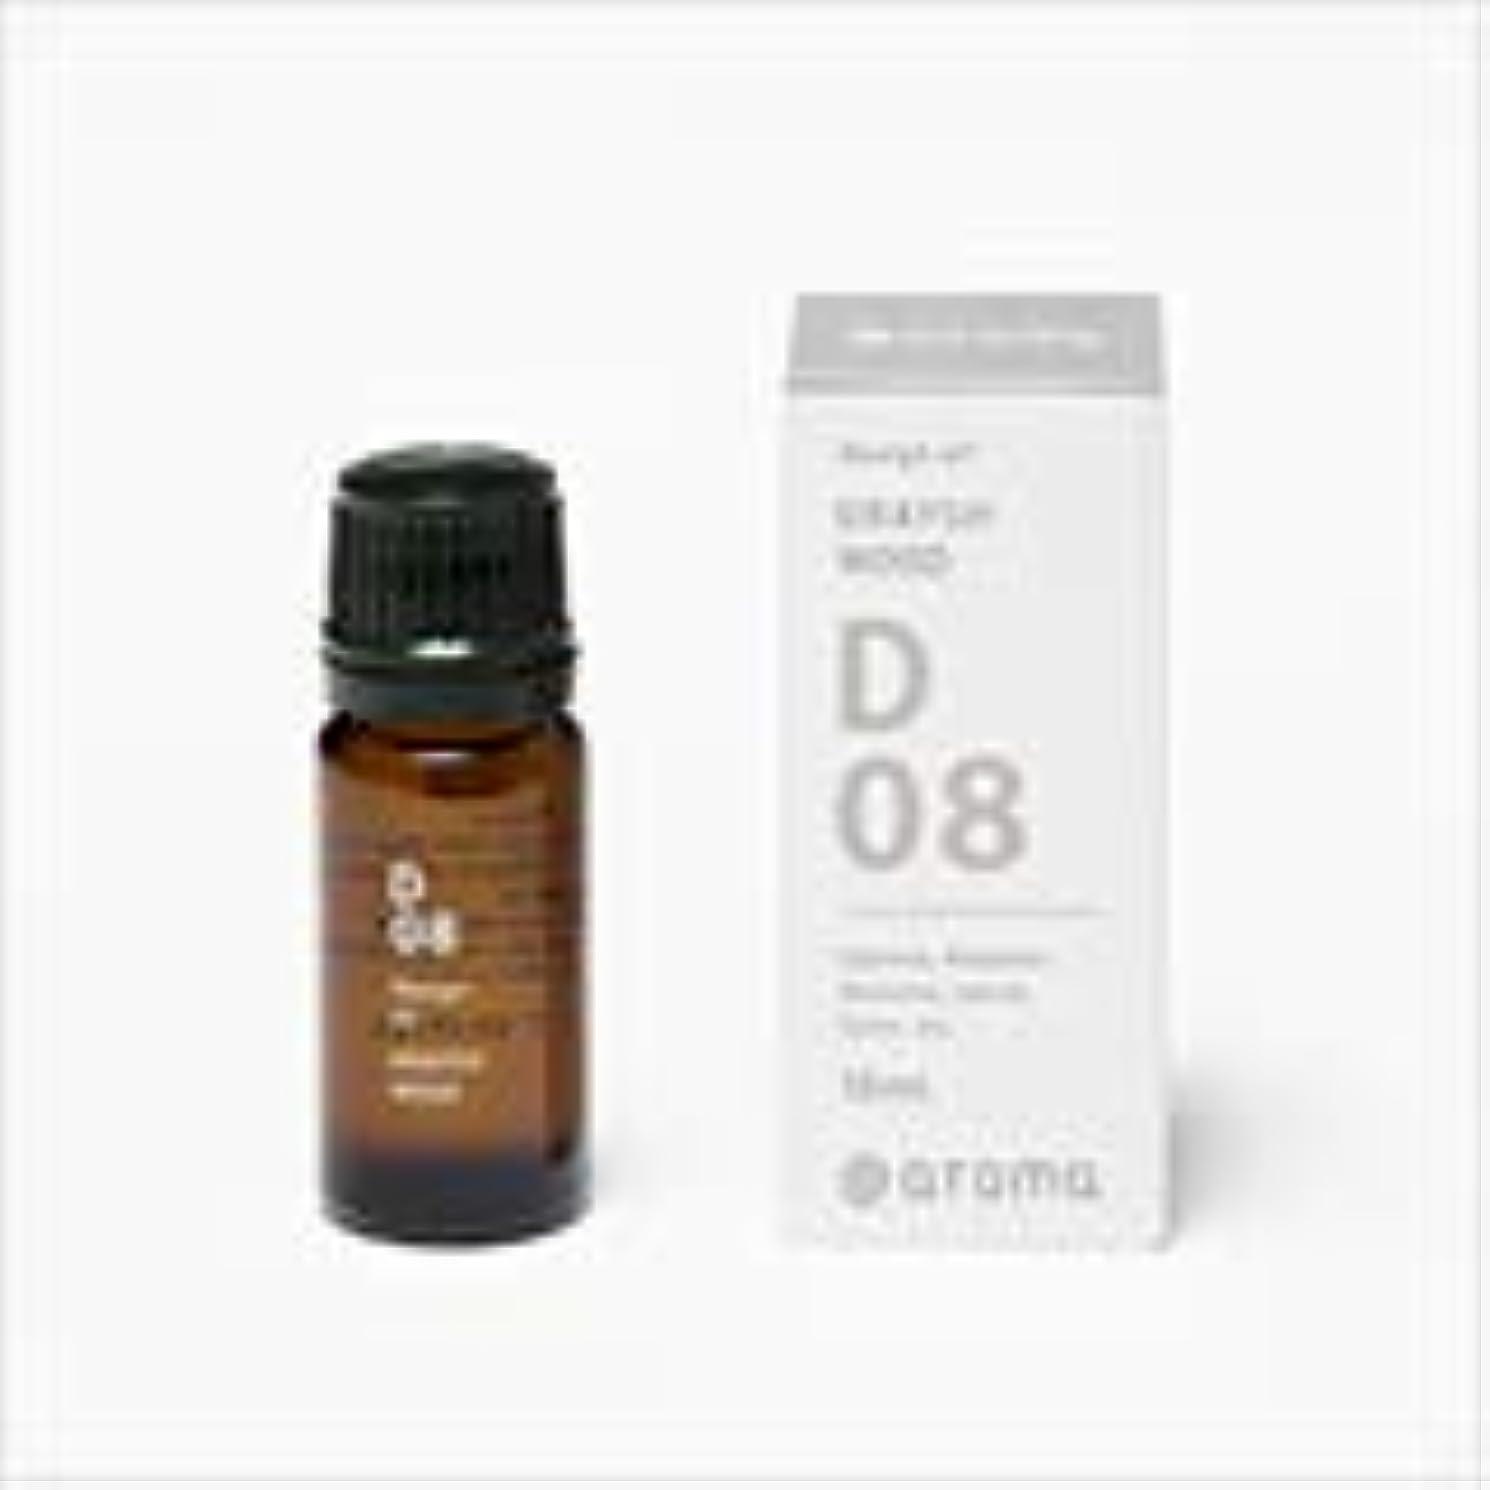 最初植物のホースアットアロマ 100%pure essential oil <Design air バニラベージュ>